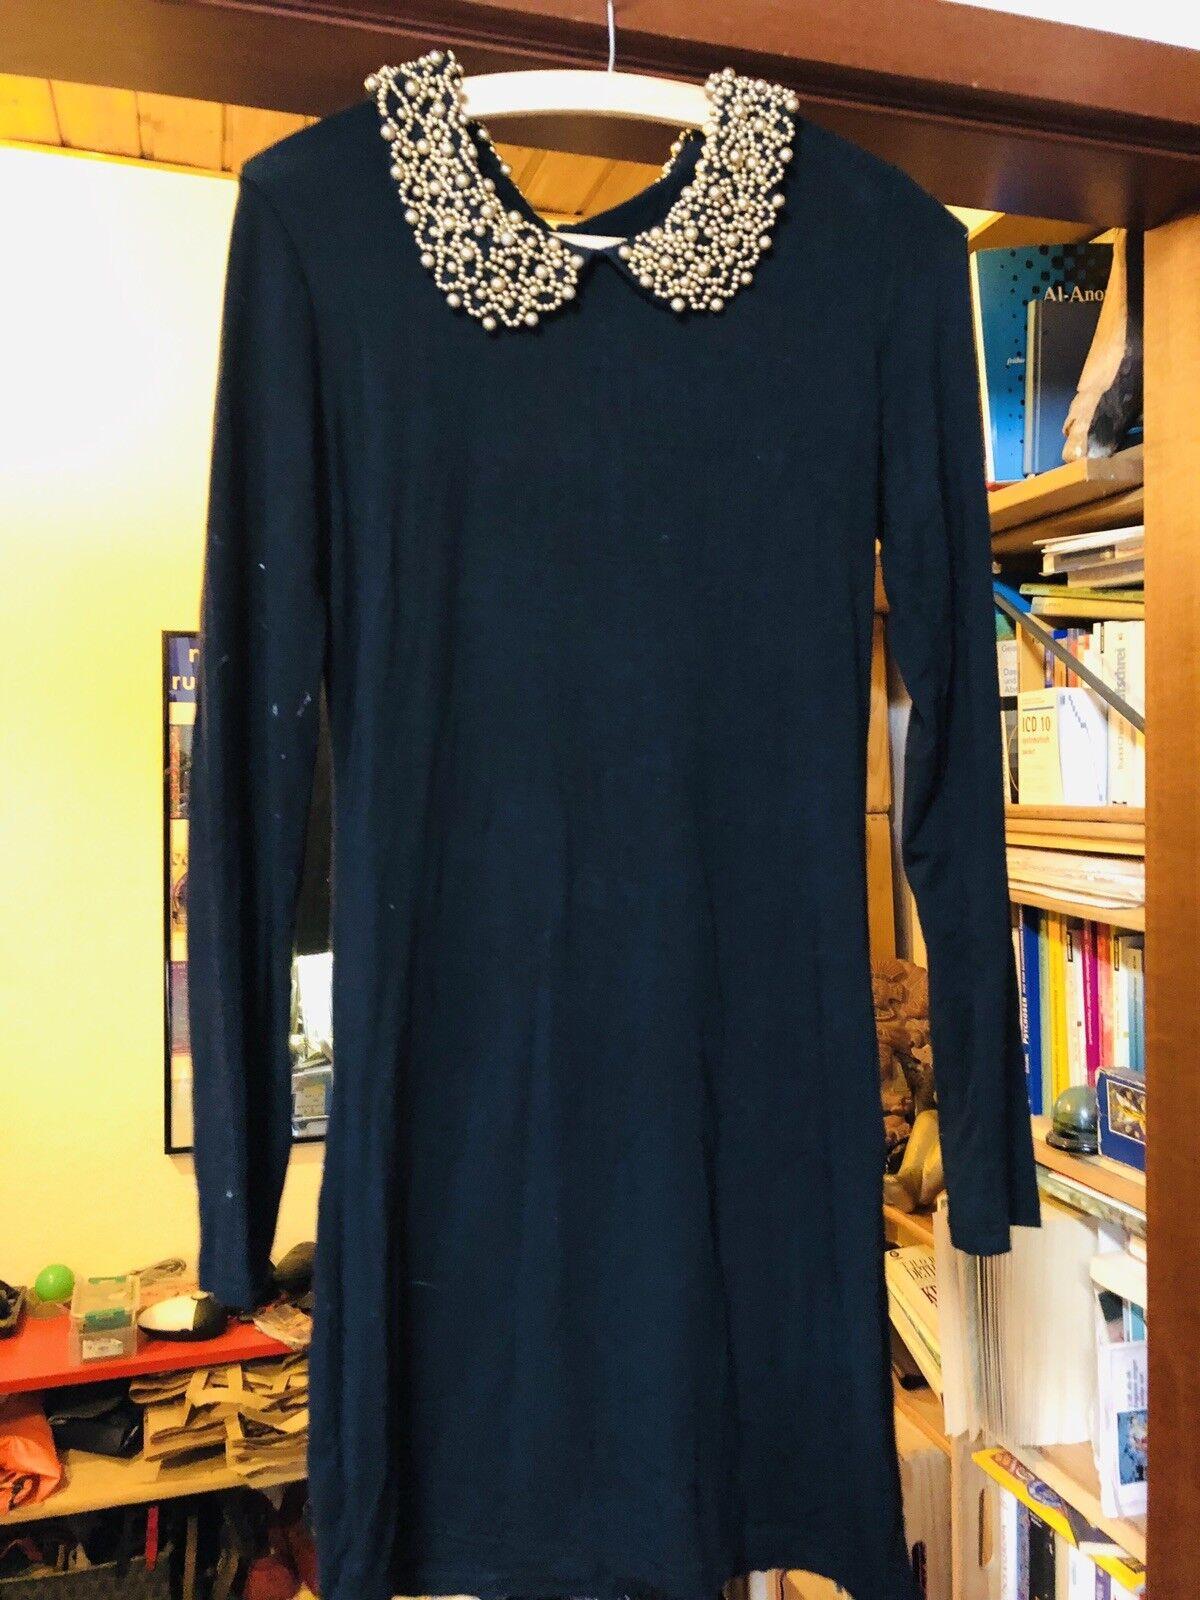 Designer Kleid Schwarz  Bubschkragen TEUFLISCH mit STRASS PERLEN Pailletten S 36